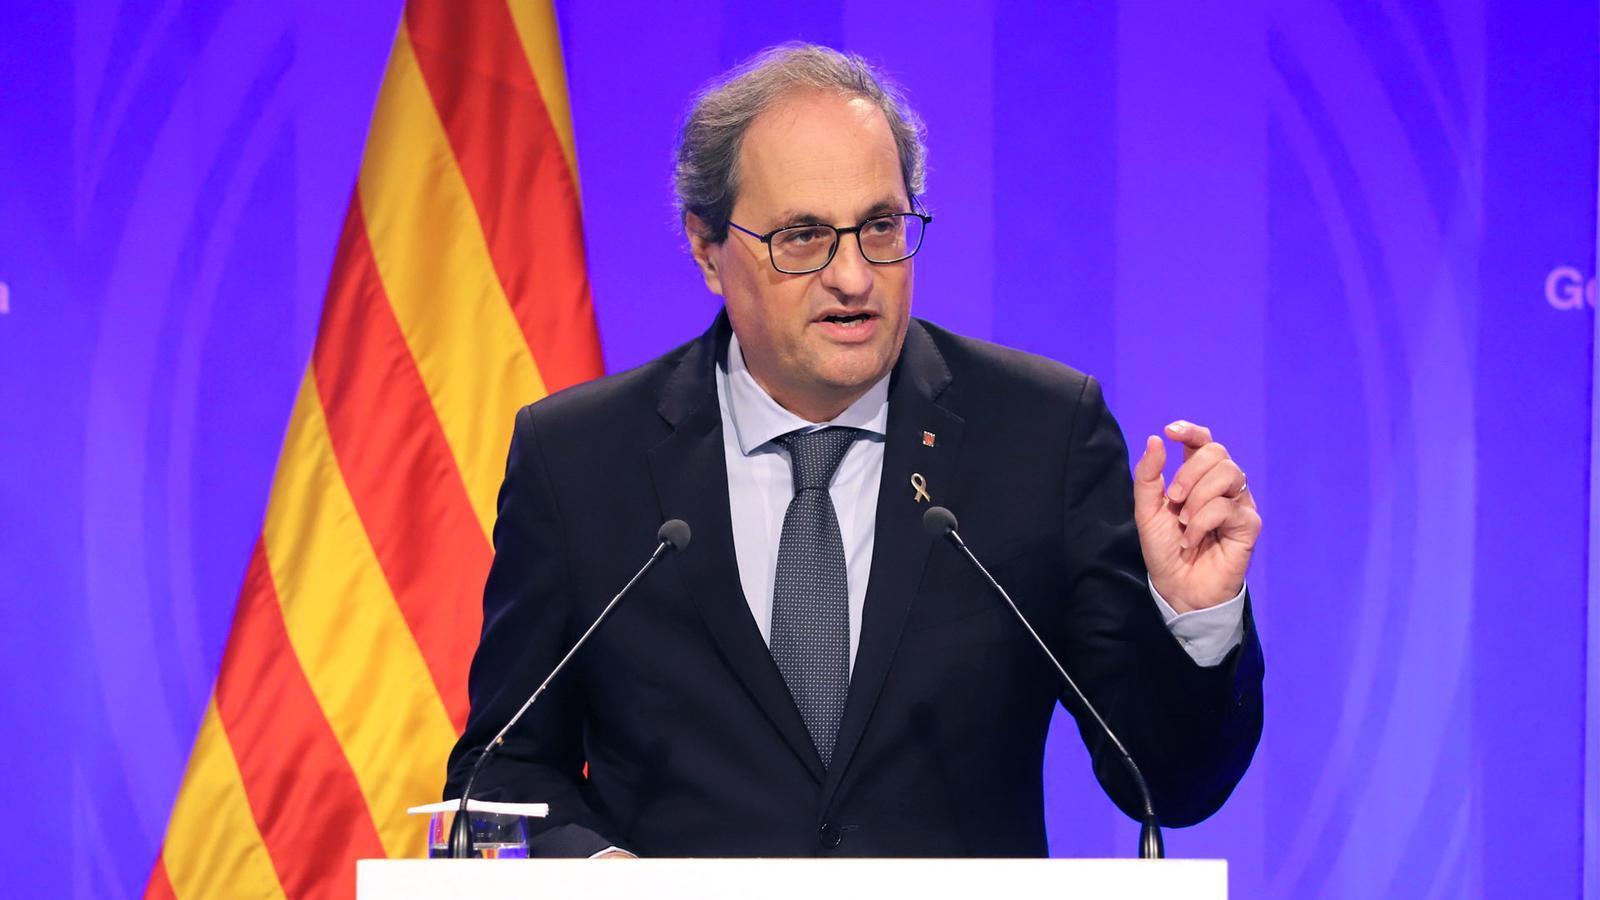 Catalunya surt de la fase 3 a les 00.00 hores i entra en la fase de represa, que ja la regularà la Generalitat: les claus del vespre amb Antoni Bassas (18/06/2020)